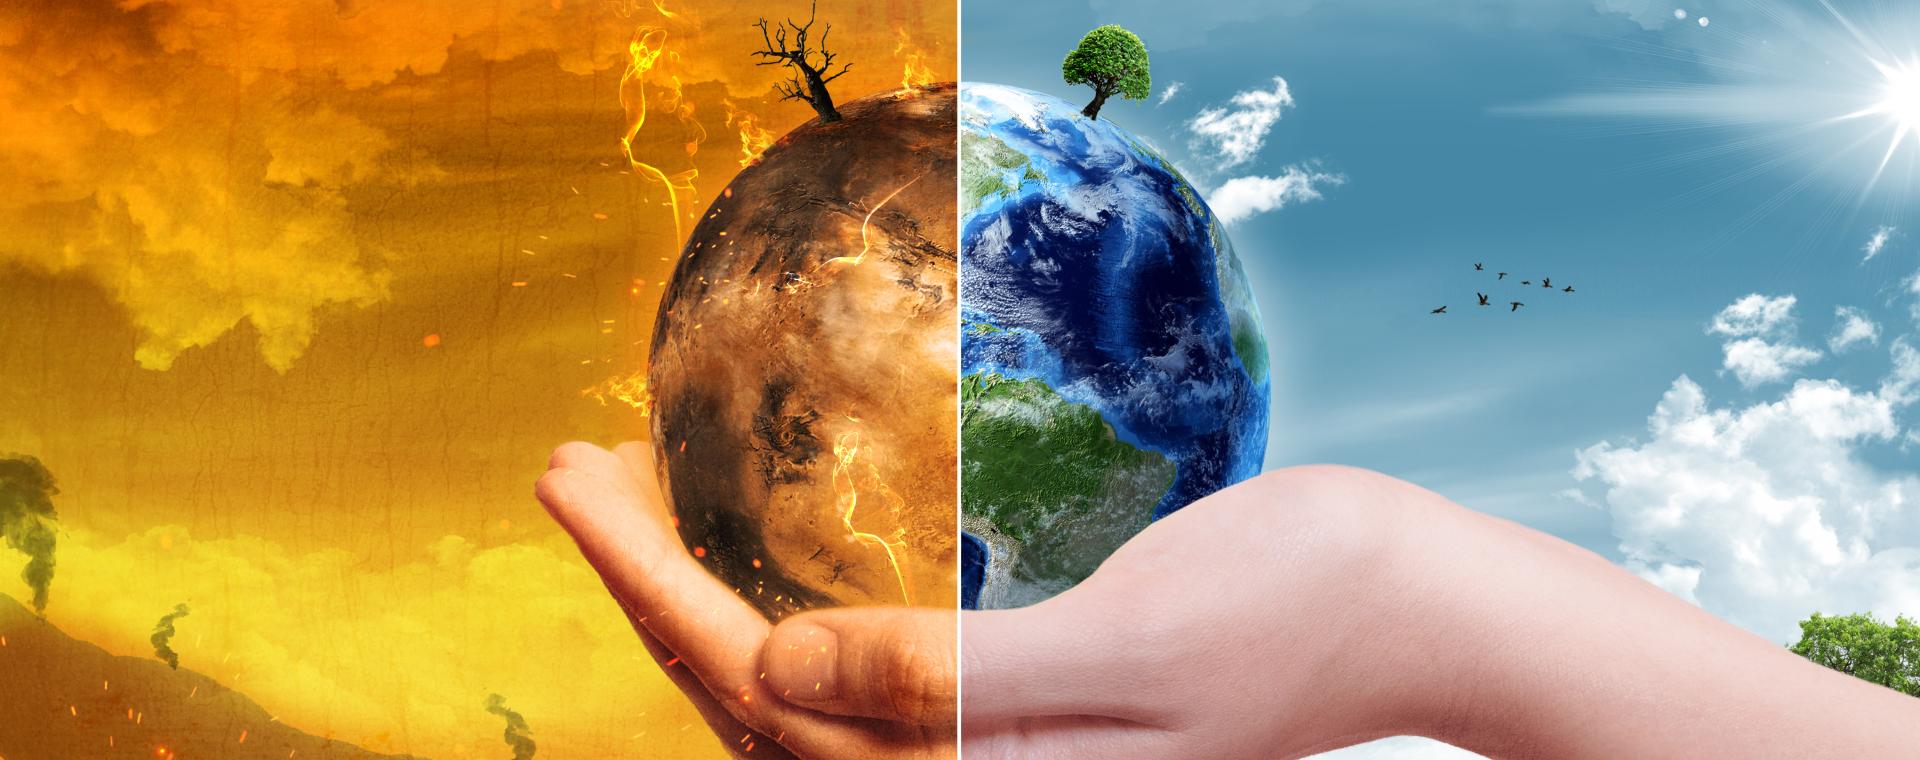 Cambiamento climatico: nuovi modelli di intervento